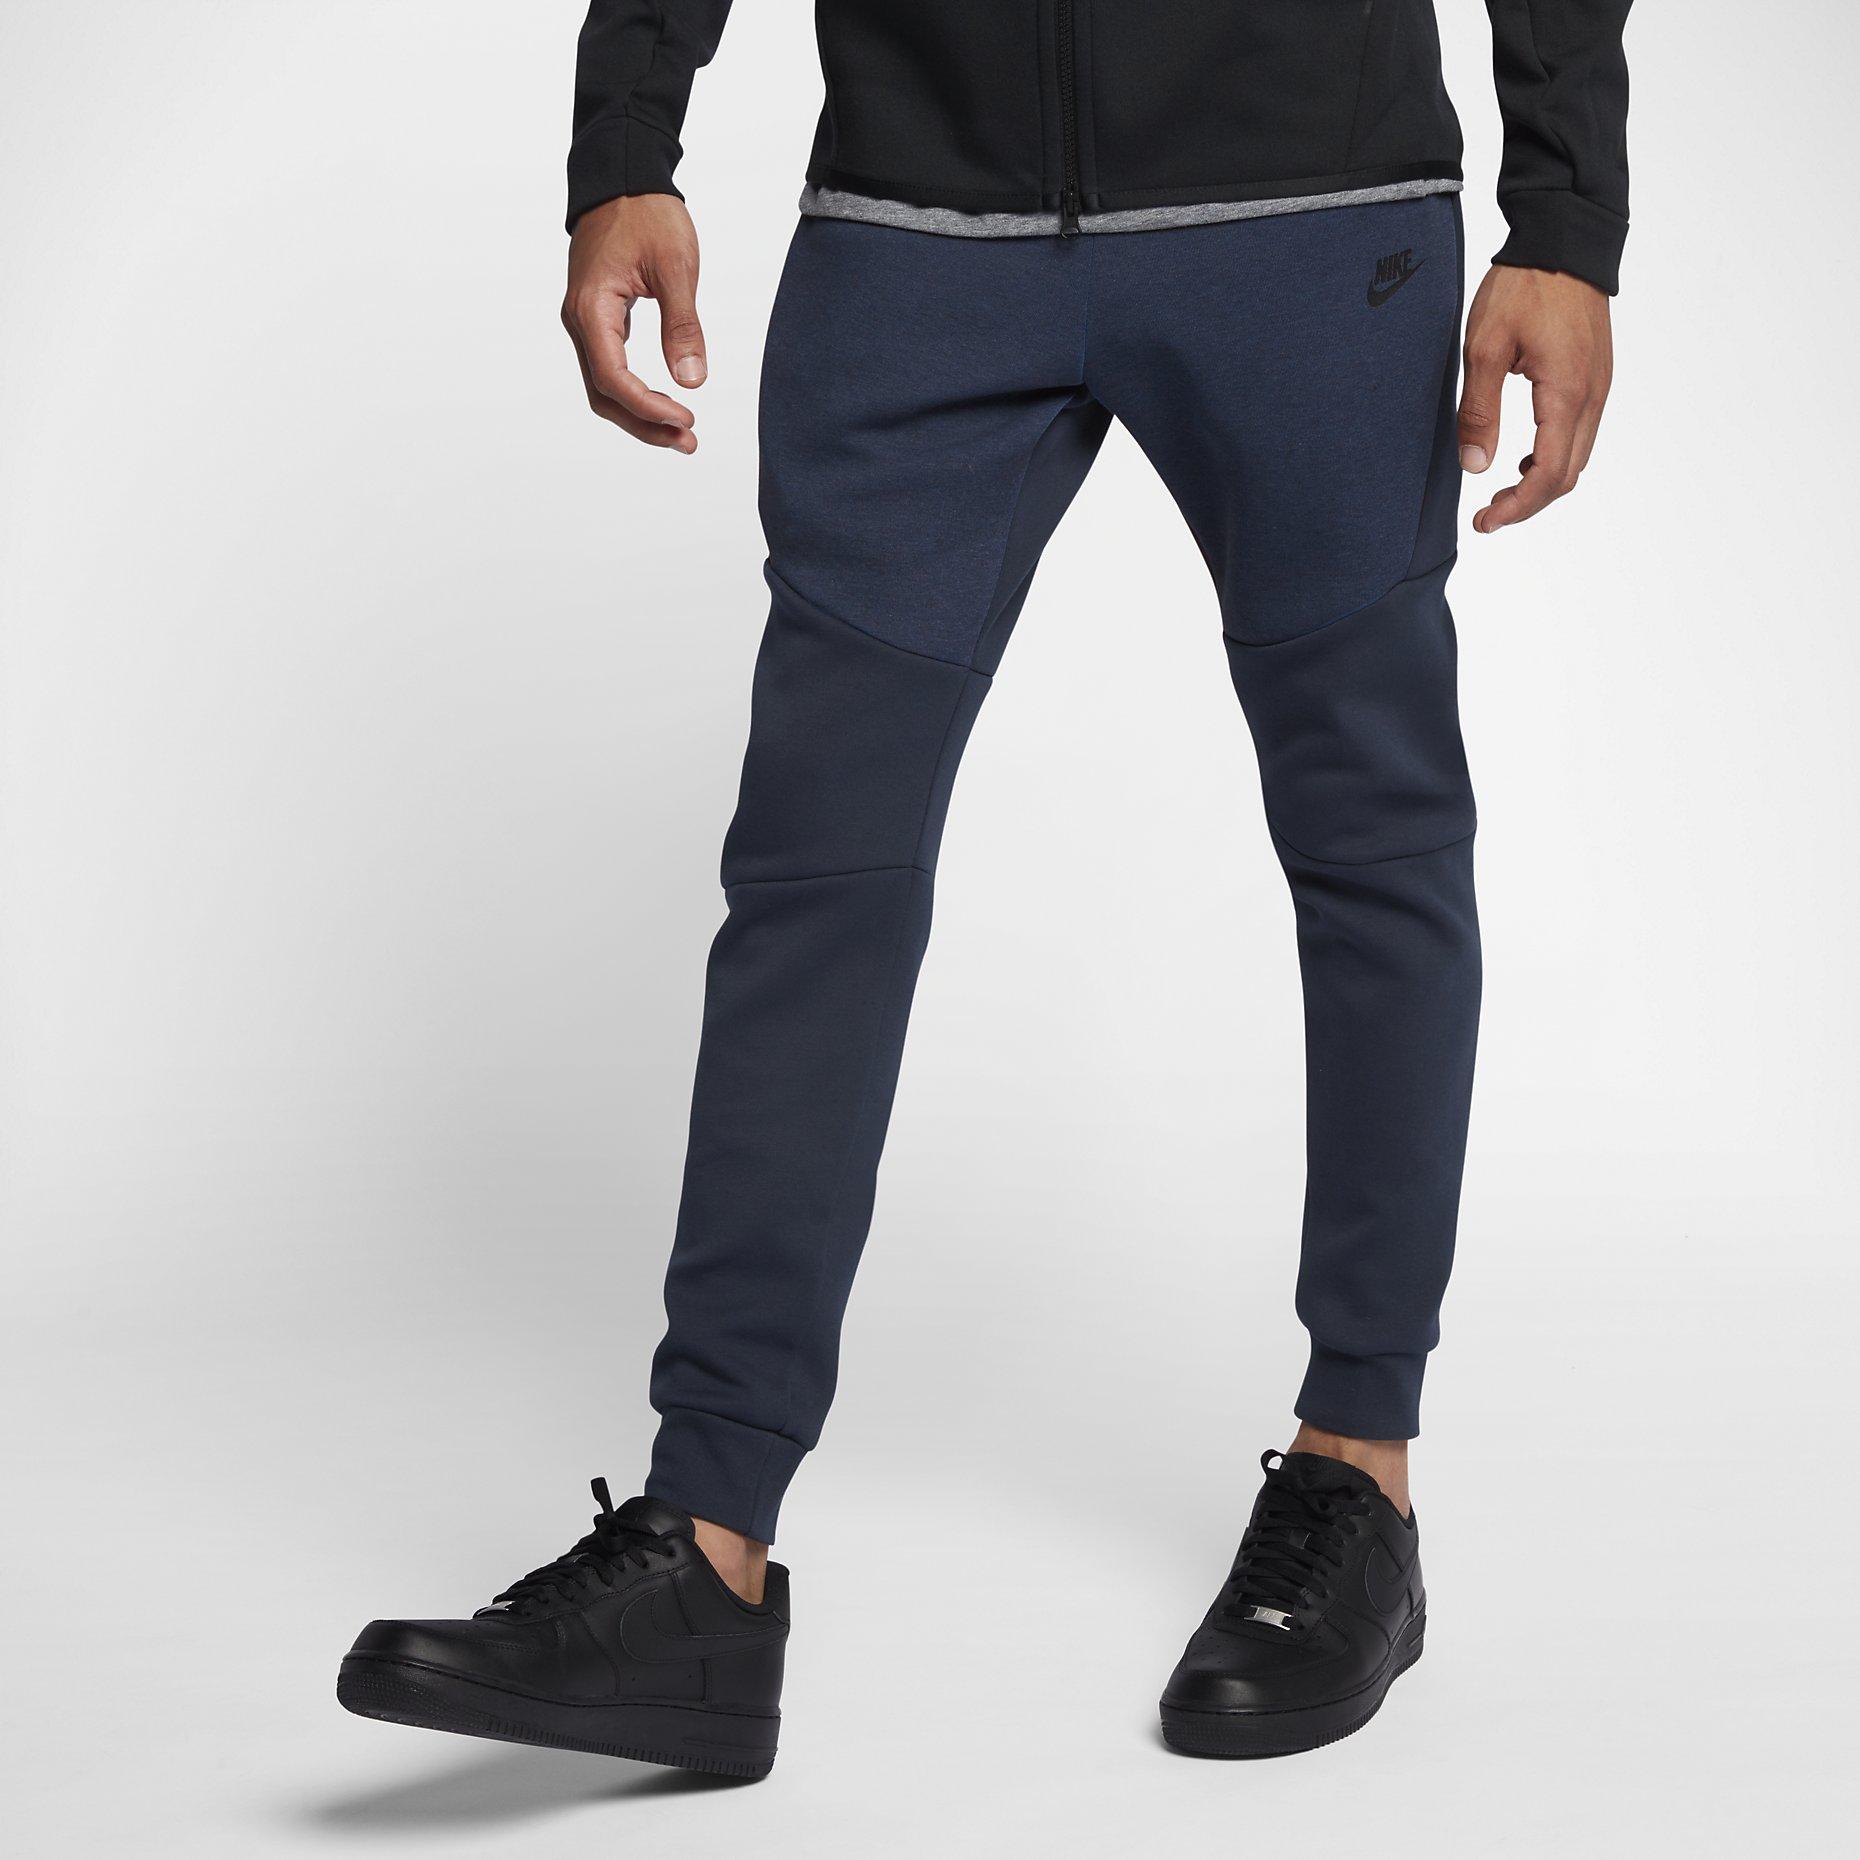 sportswear-tech-fleece-mens-joggers (4).jpg